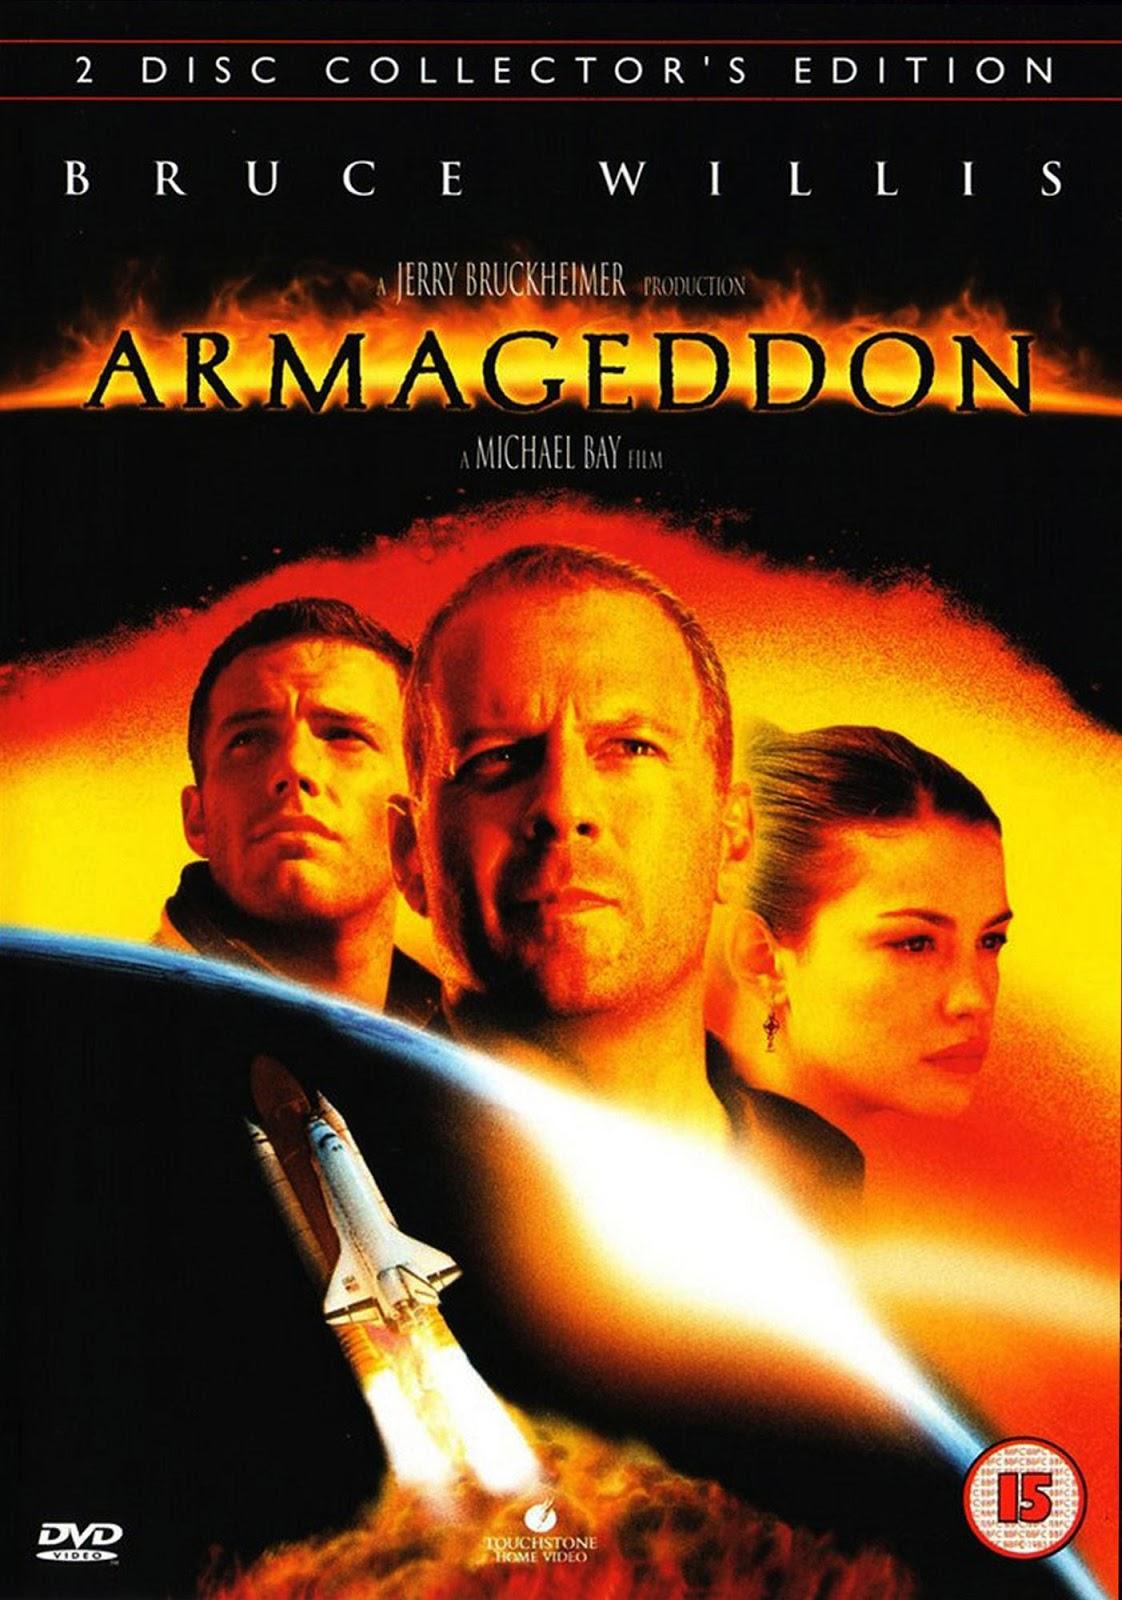 http://2.bp.blogspot.com/-QZu9_LwWNDY/UNSFQl3NldI/AAAAAAAAH0Q/5KNSabdLtbM/s1600/armageddon_poster.jpg